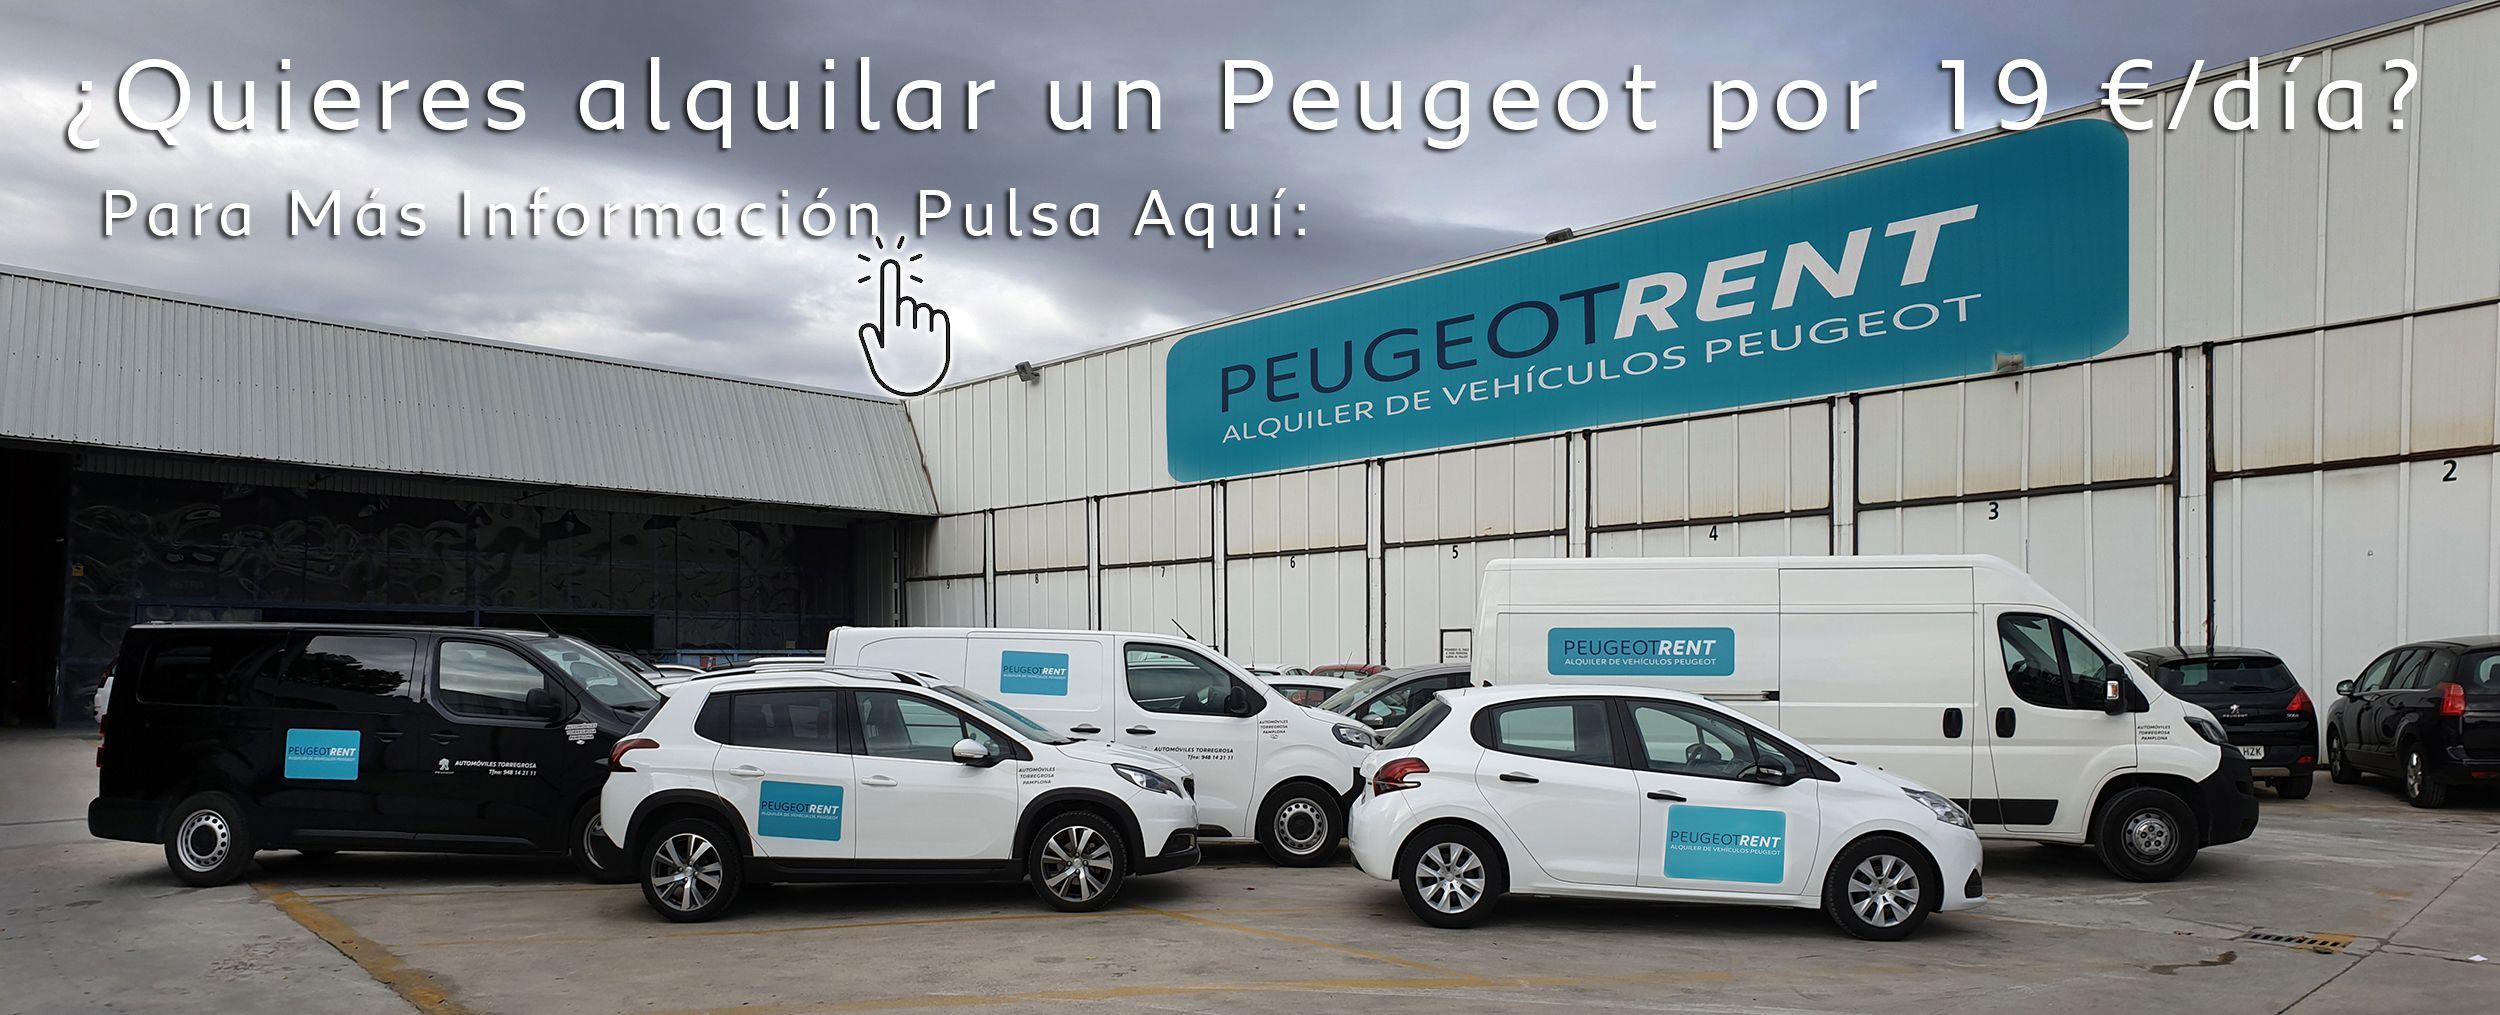 ¿Quieres alquilar un Peugeot por 19 €/día?